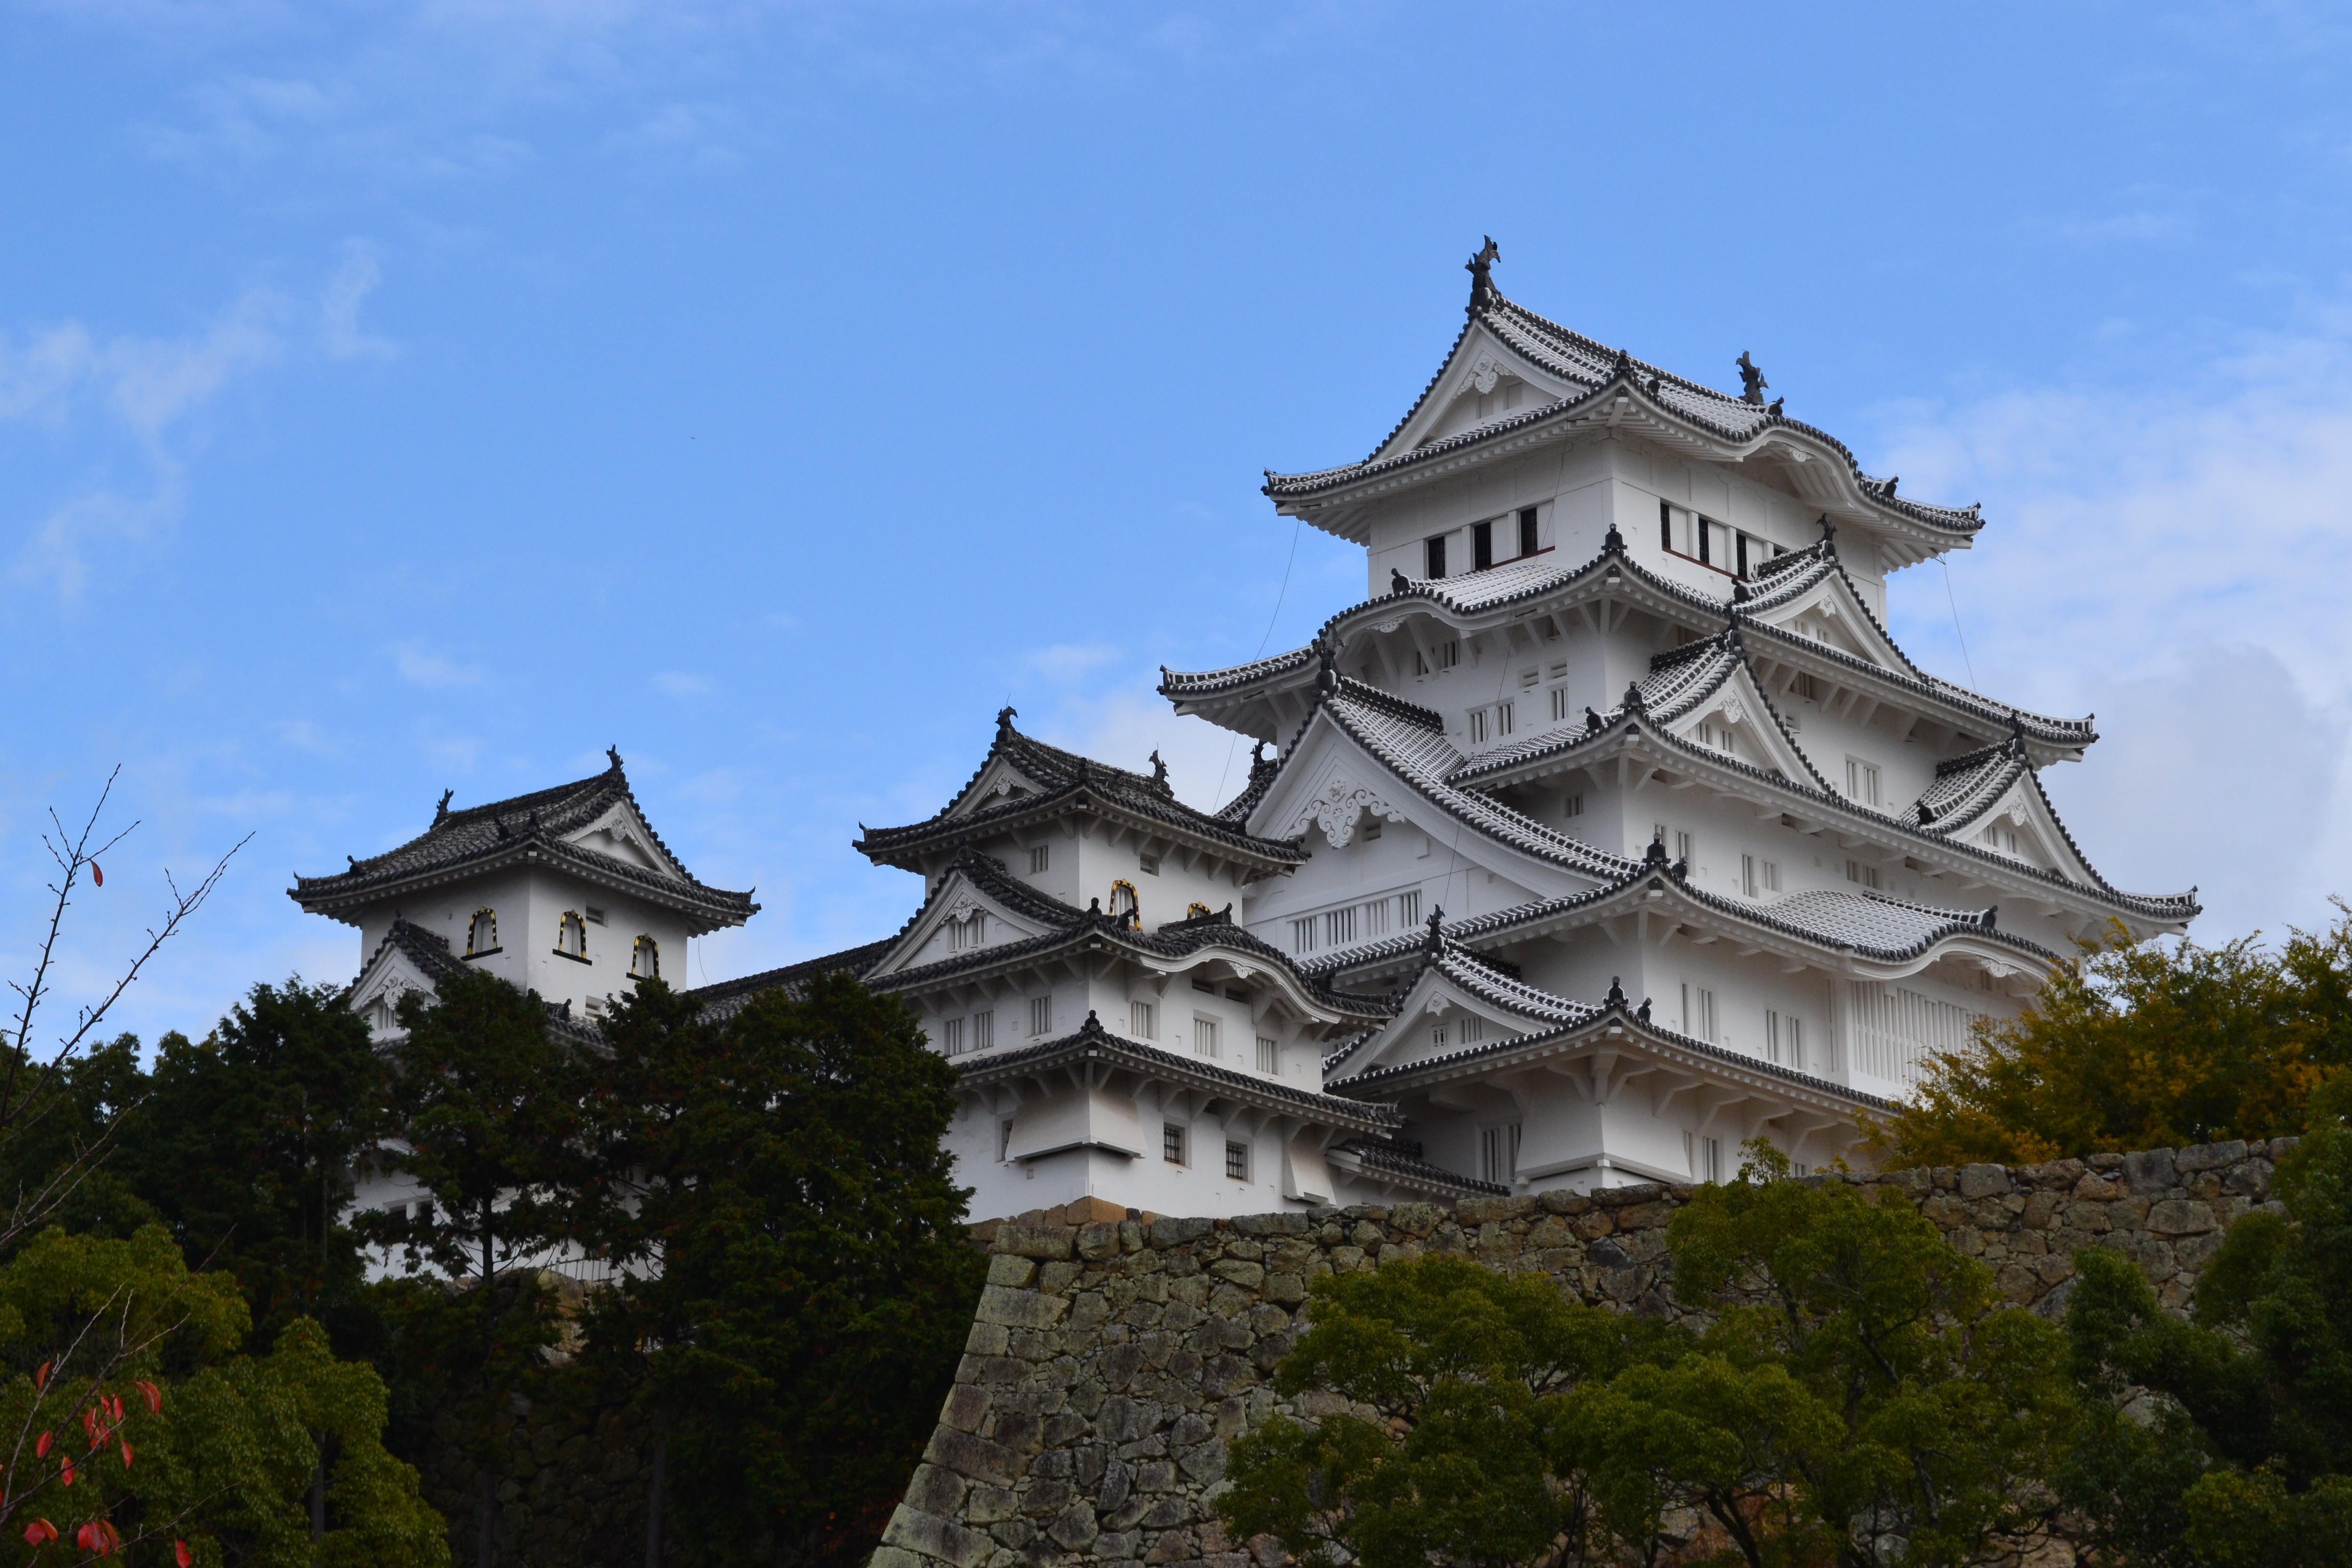 Japan Day 8 – Himeji Castle 姫路城, Osaka (Dōtonbori)